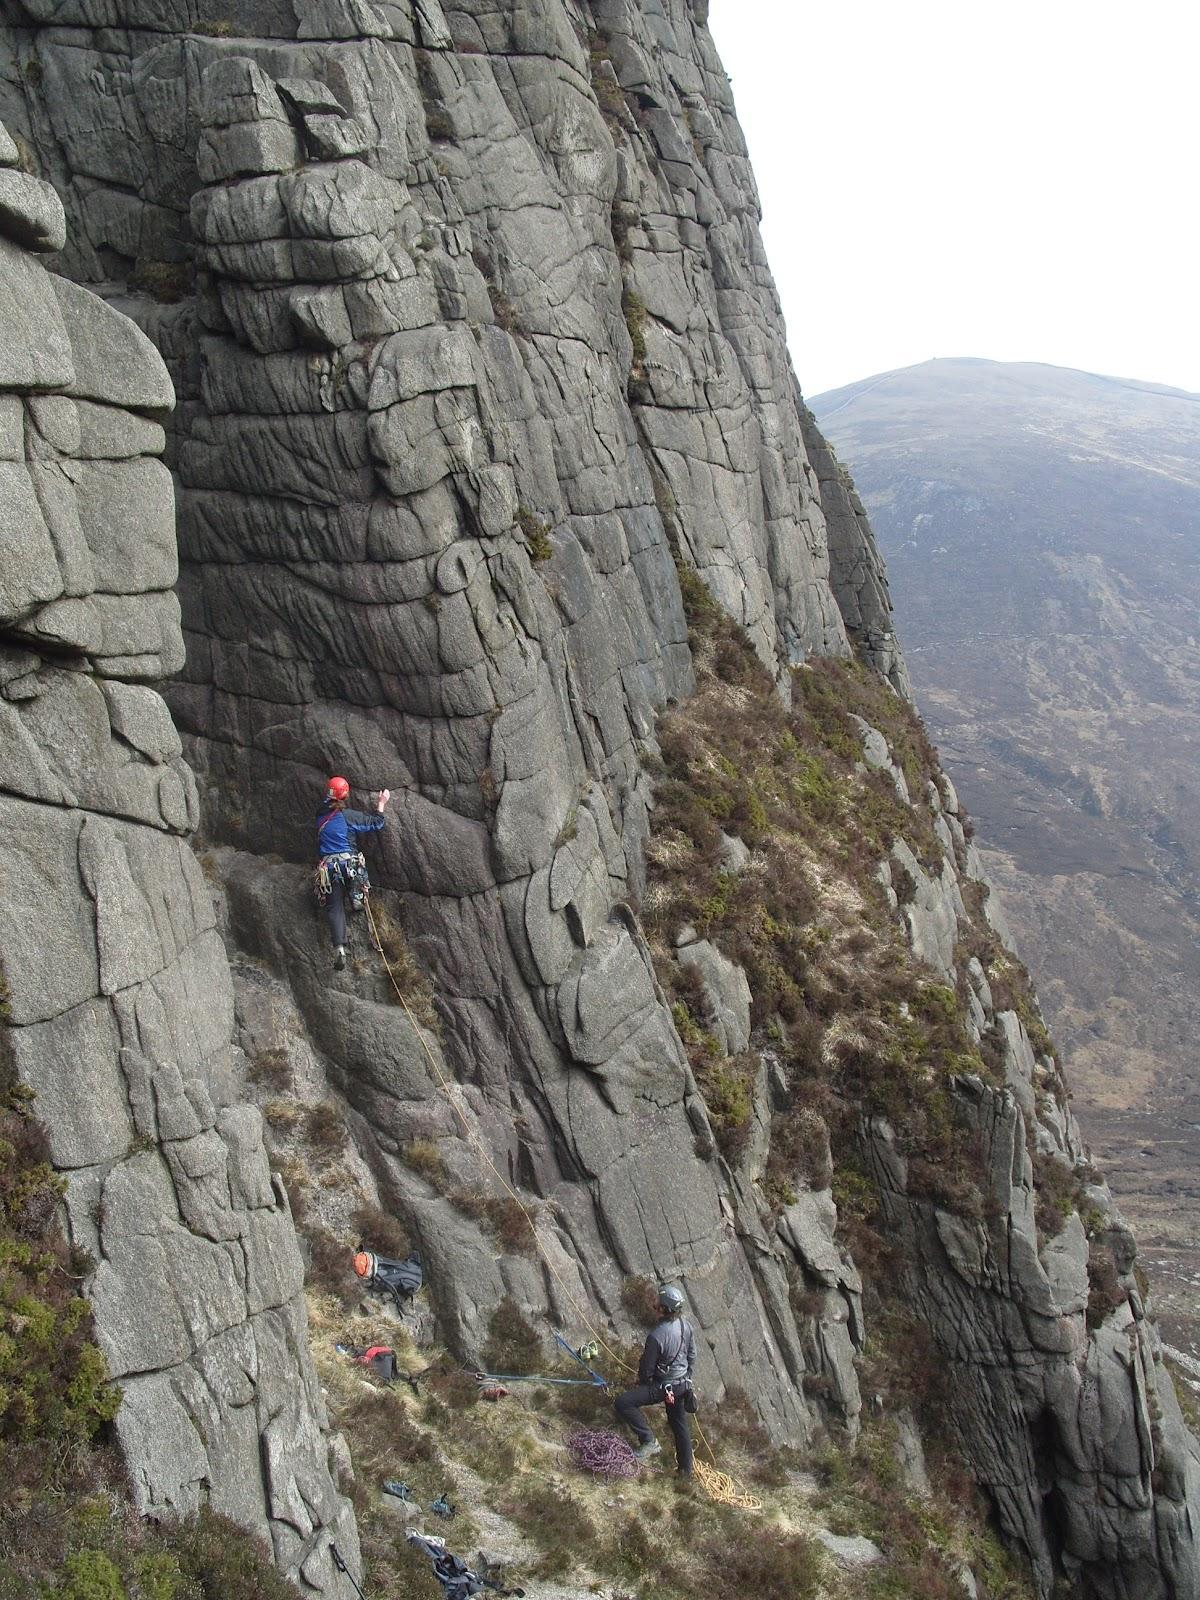 Kerryclimbing Multi Pitch Climbing Inthe Mournes